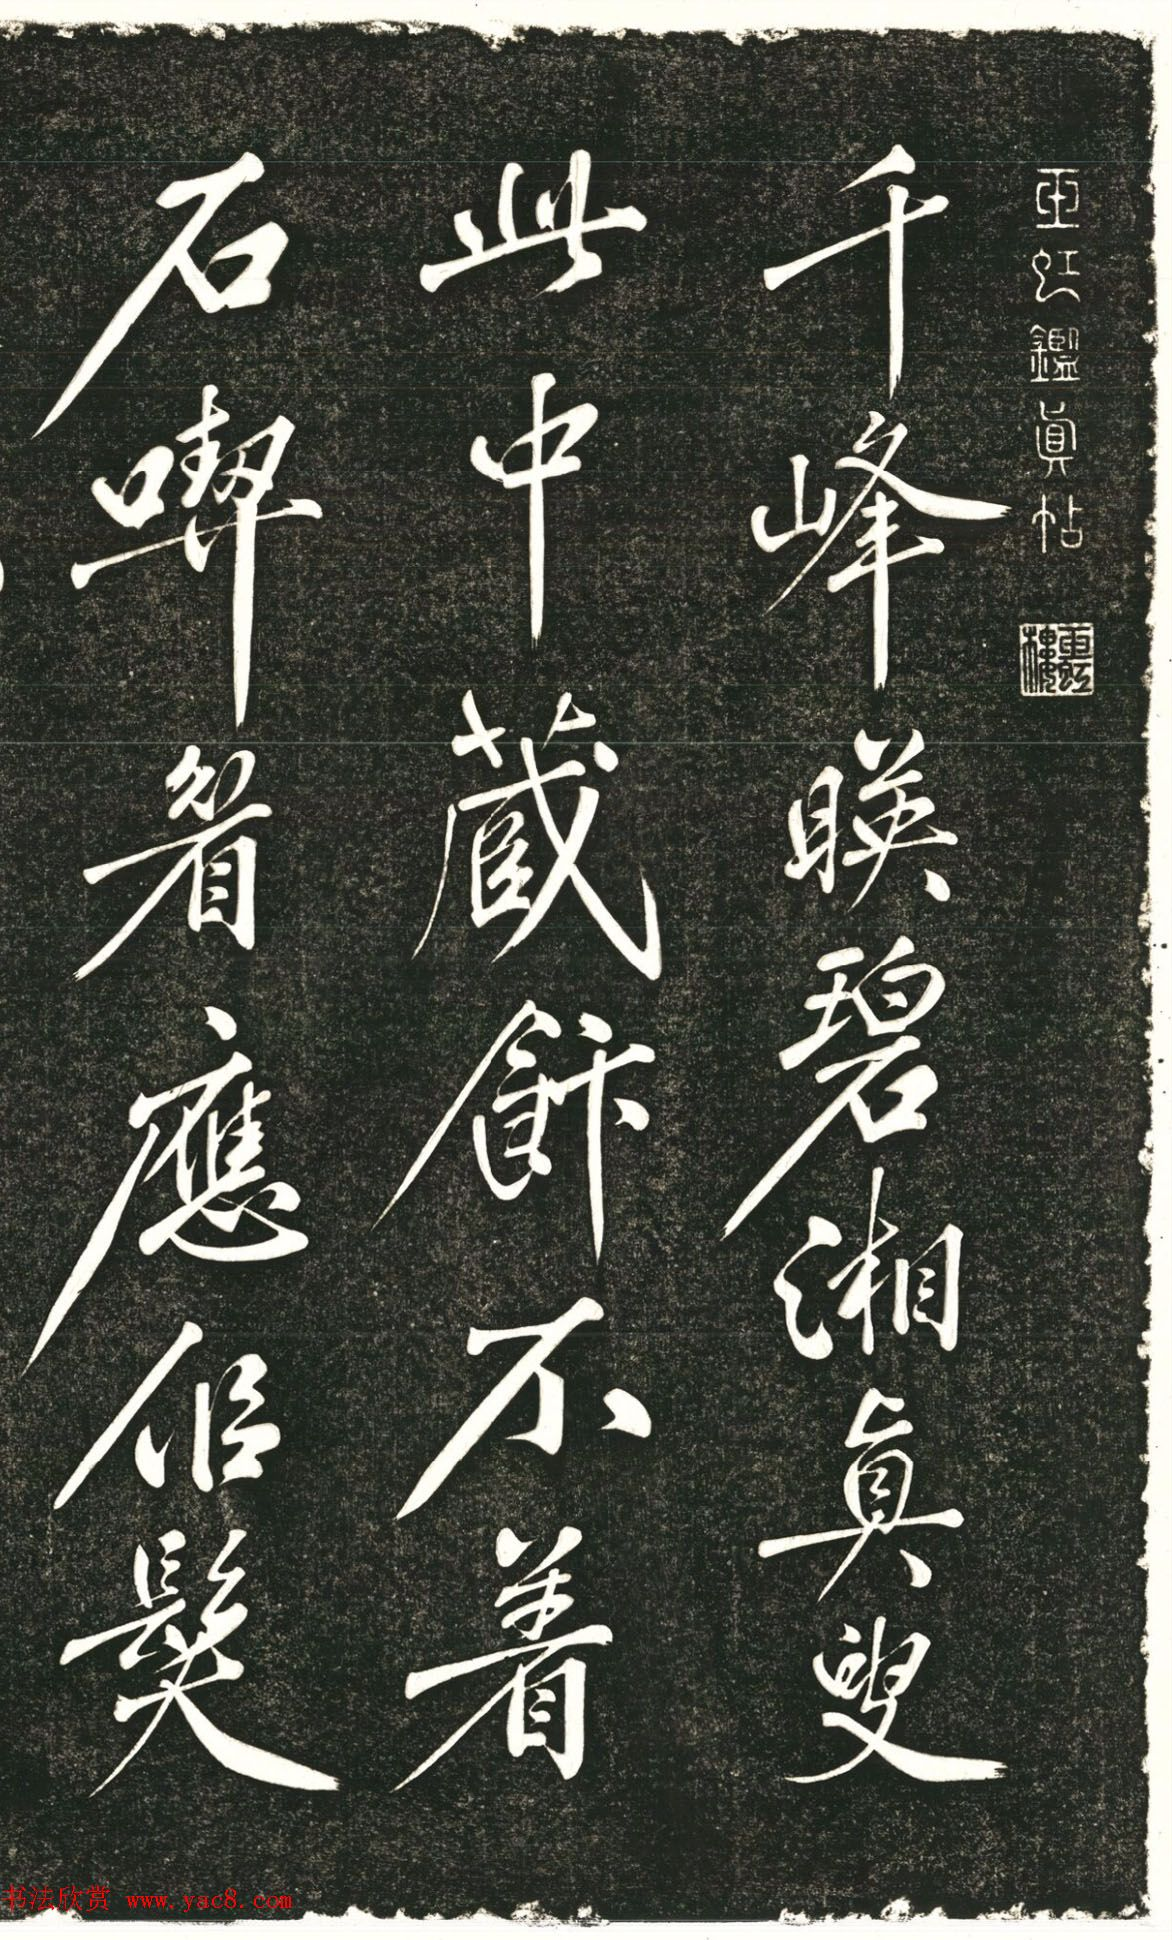 黄庭坚57岁行书《千峰诗》